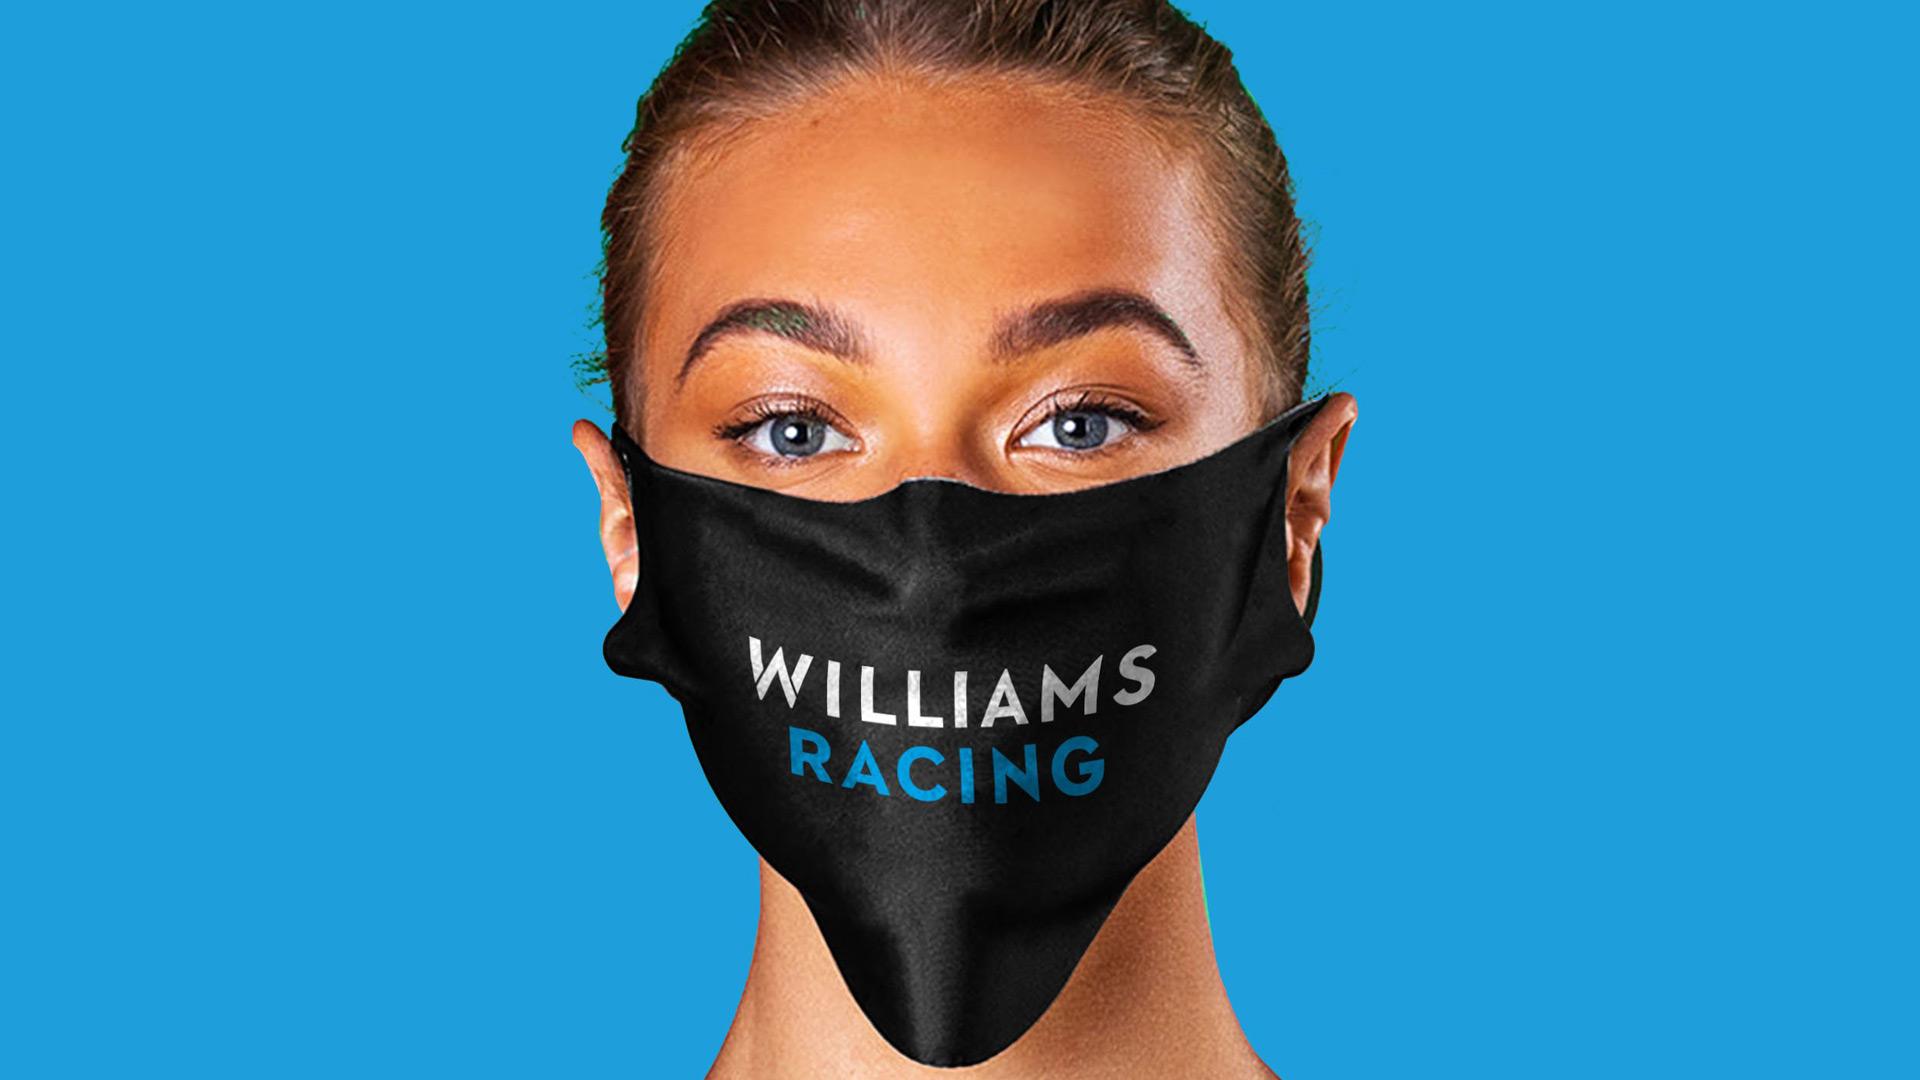 Motorsport face masks